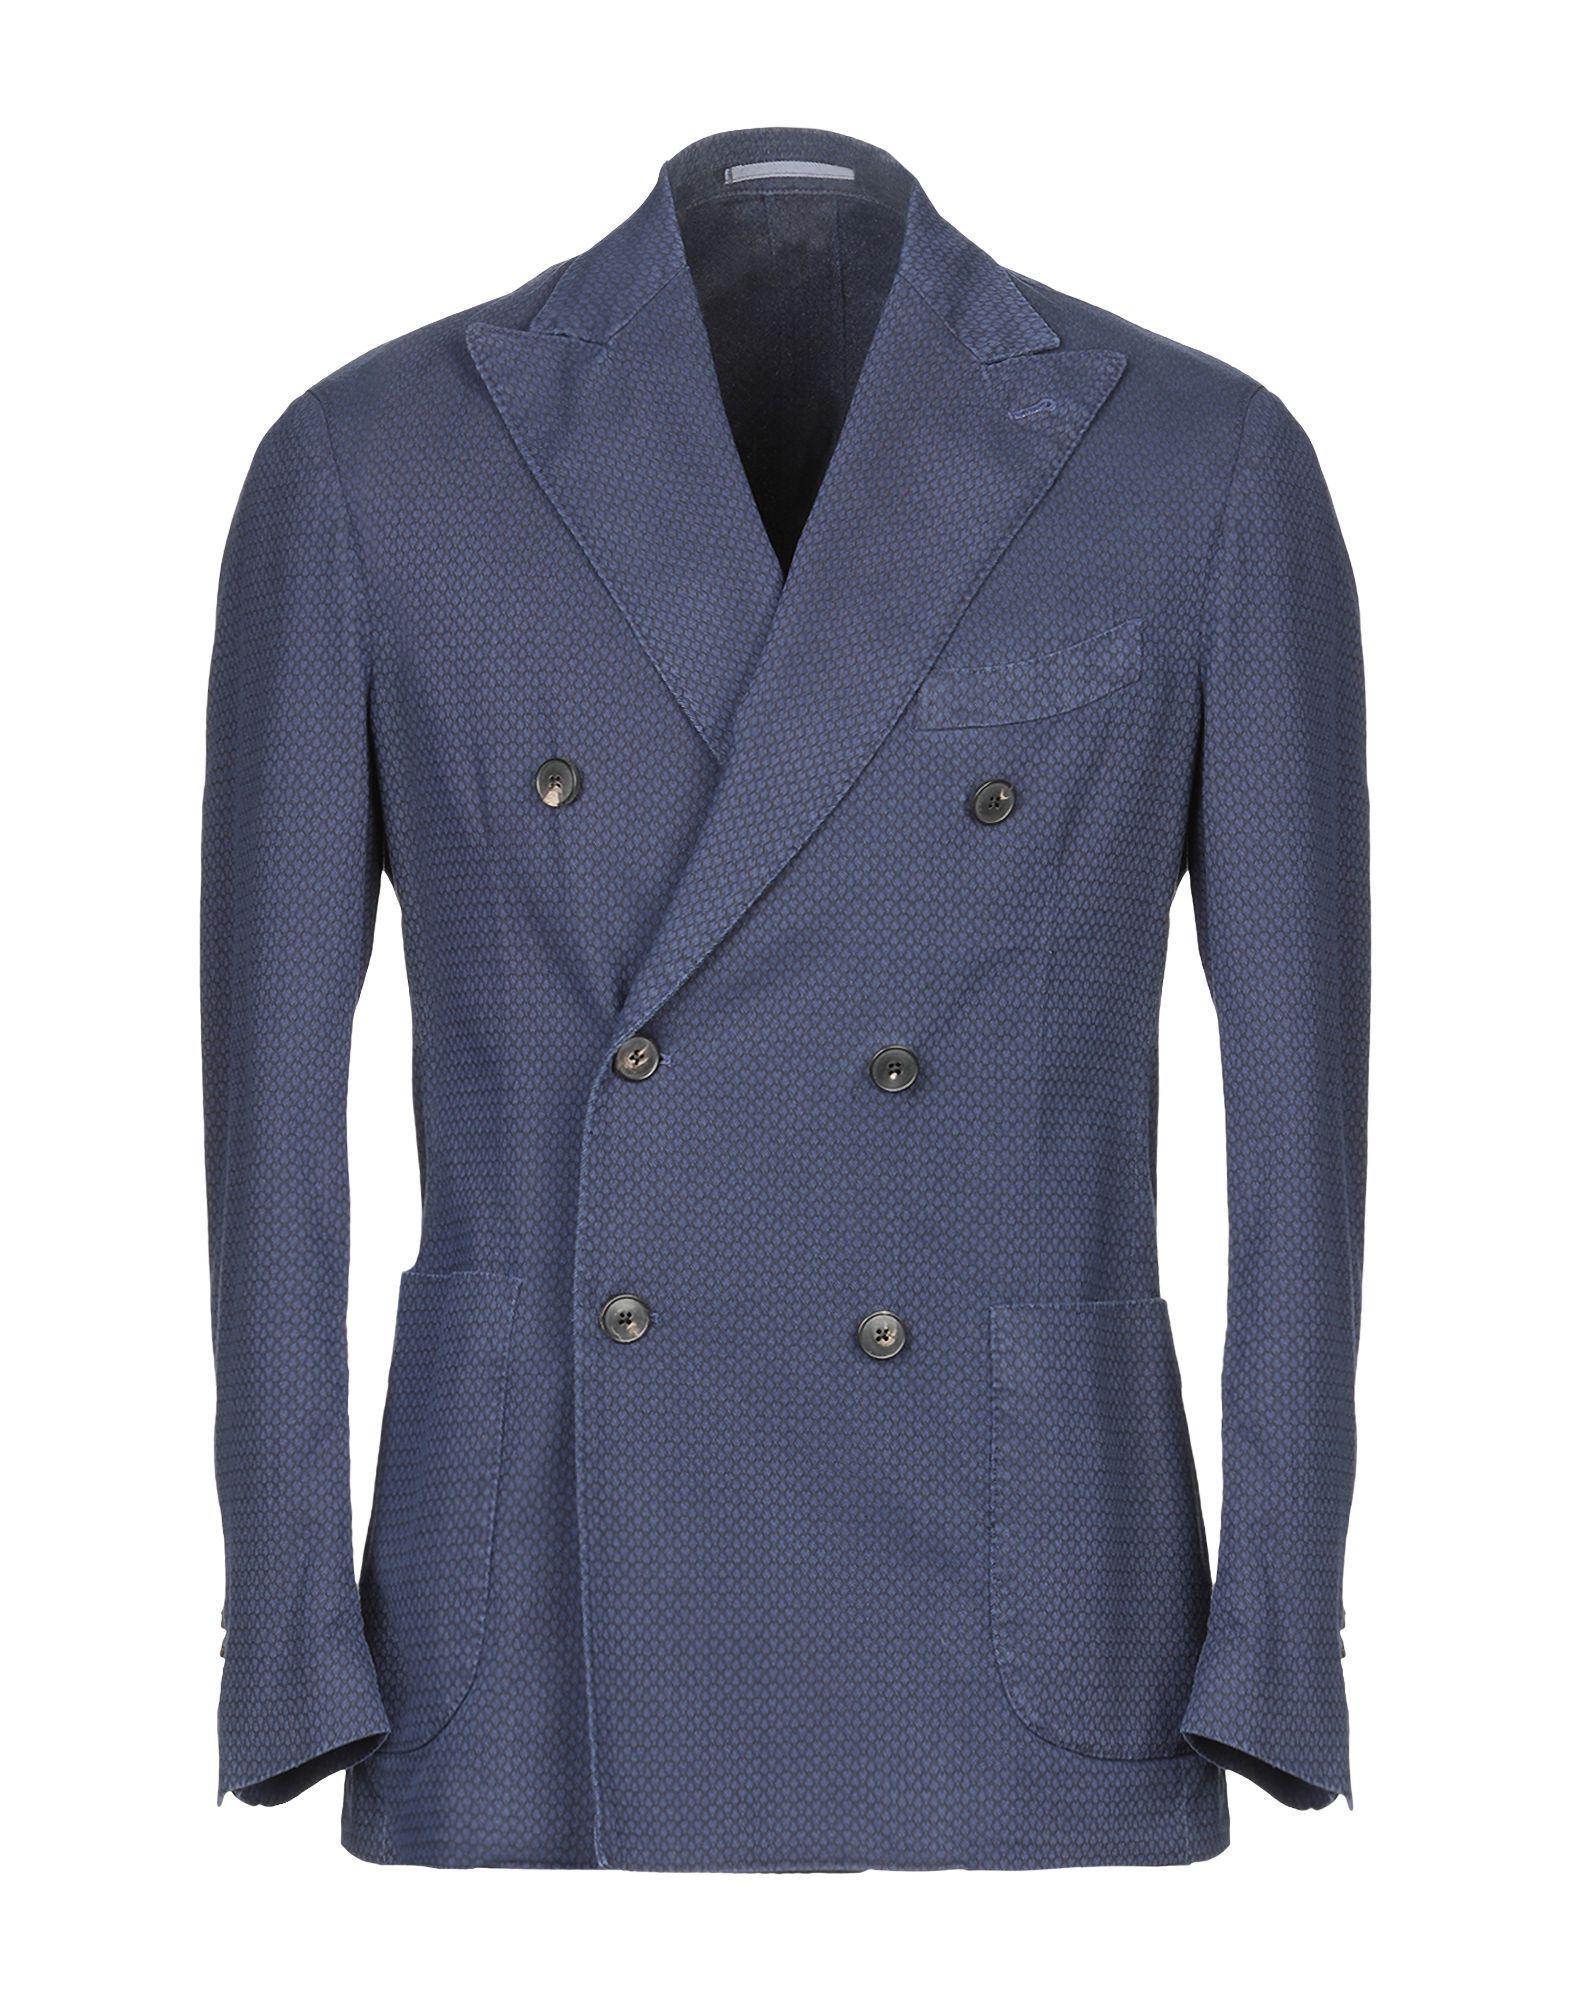 SUITS AND JACKETS Gabriele Pasini Blue Man Cotton